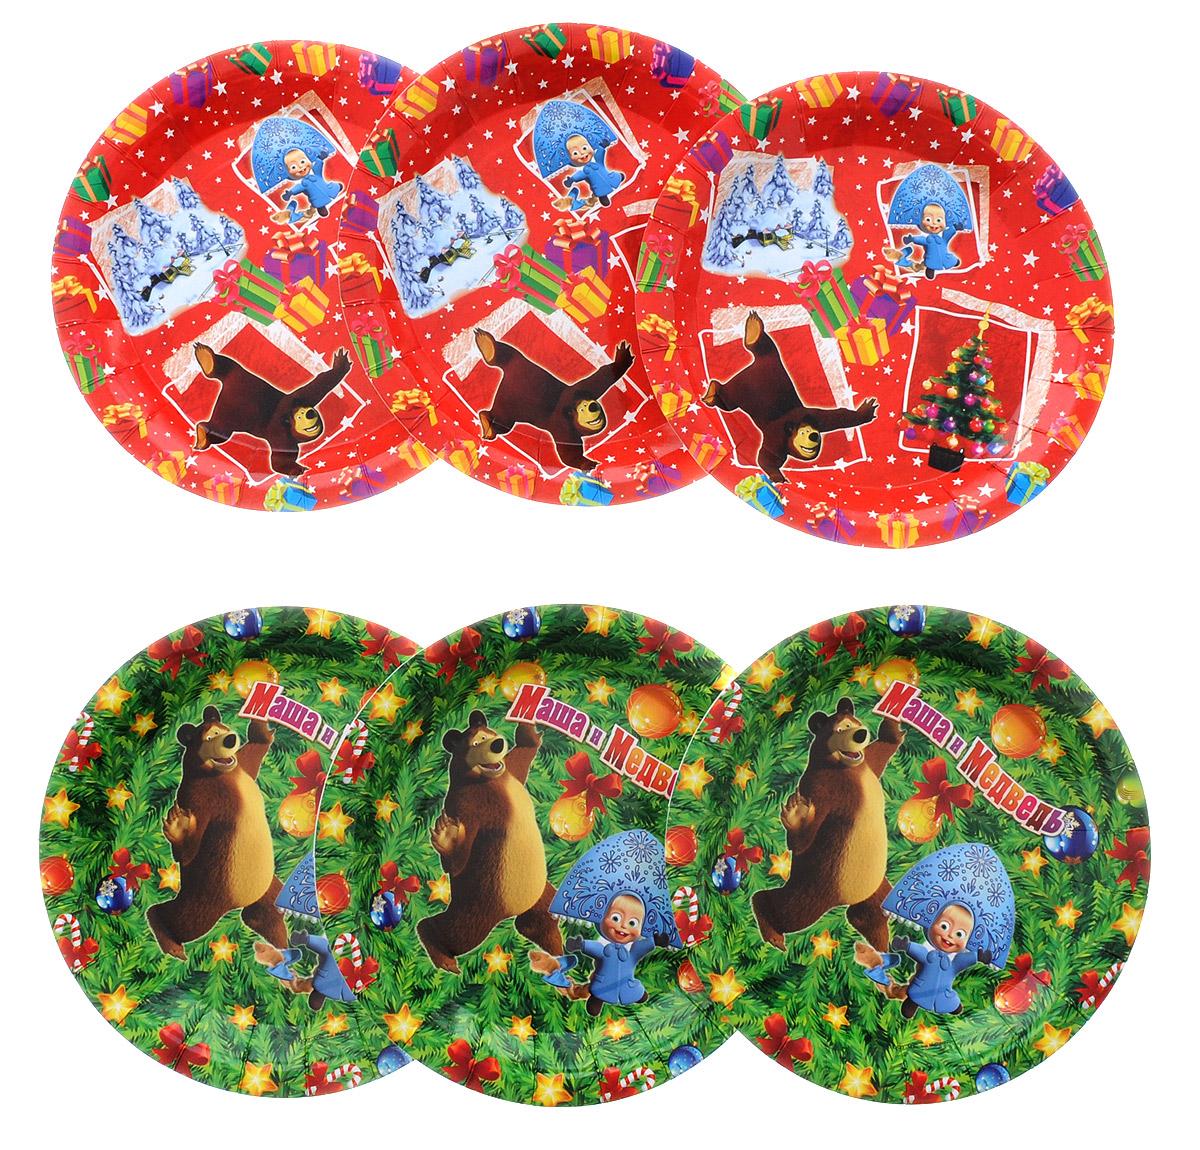 Маша и Медведь Набор одноразовых тарелок Новый год диаметр 18 см 6 шт18767_красный, зеленыйОдноразовые тарелки прочно вошли в современную жизнь, и теперь многие люди просто не представляют праздник или пикник без таких нужных вещей: они почти невесомы, не могут разбиться и не нуждаются в мытье. Набор одноразовых тарелок Маша и Медведь Новый год состоит из 6 тарелок, 3 красных и 3 зеленых, выполненных из картона. Изделия декорированы изображением героев популярного мультсериала Маша и Медведь. Благодаря глянцевому ламинированию они прекрасно справляются со своей задачей: удерживают еду, не промокают и не протекают.